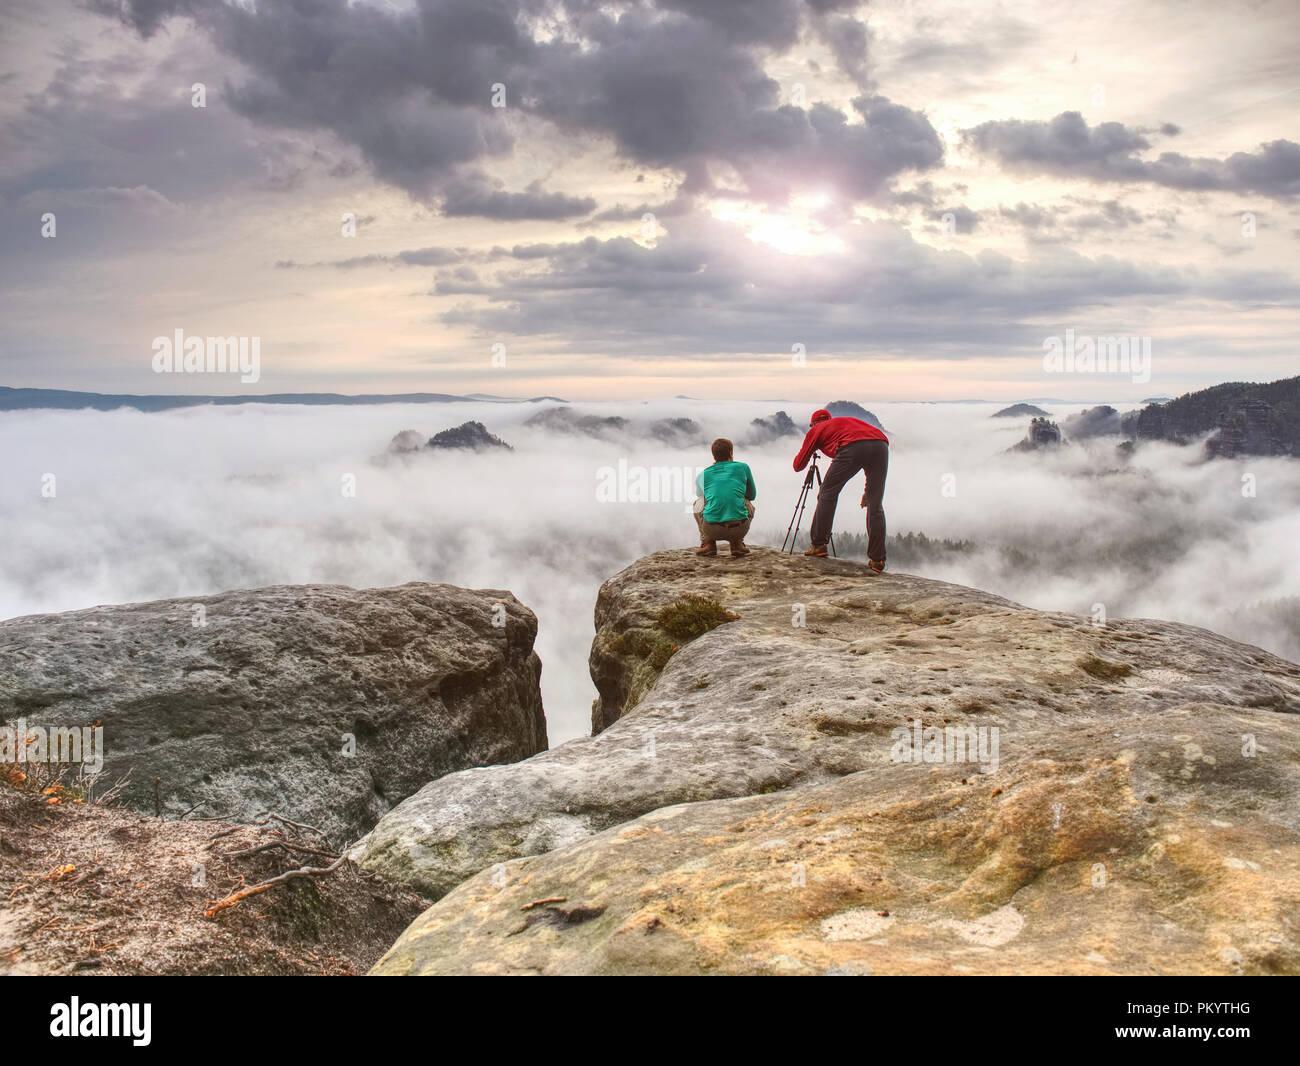 Reisen Fotograf Mensch Natur video von Mountain Lookout. Wanderer touristische professioneller Fotograf und Videofilmer auf Abenteuer Urlaub shooti Stockbild